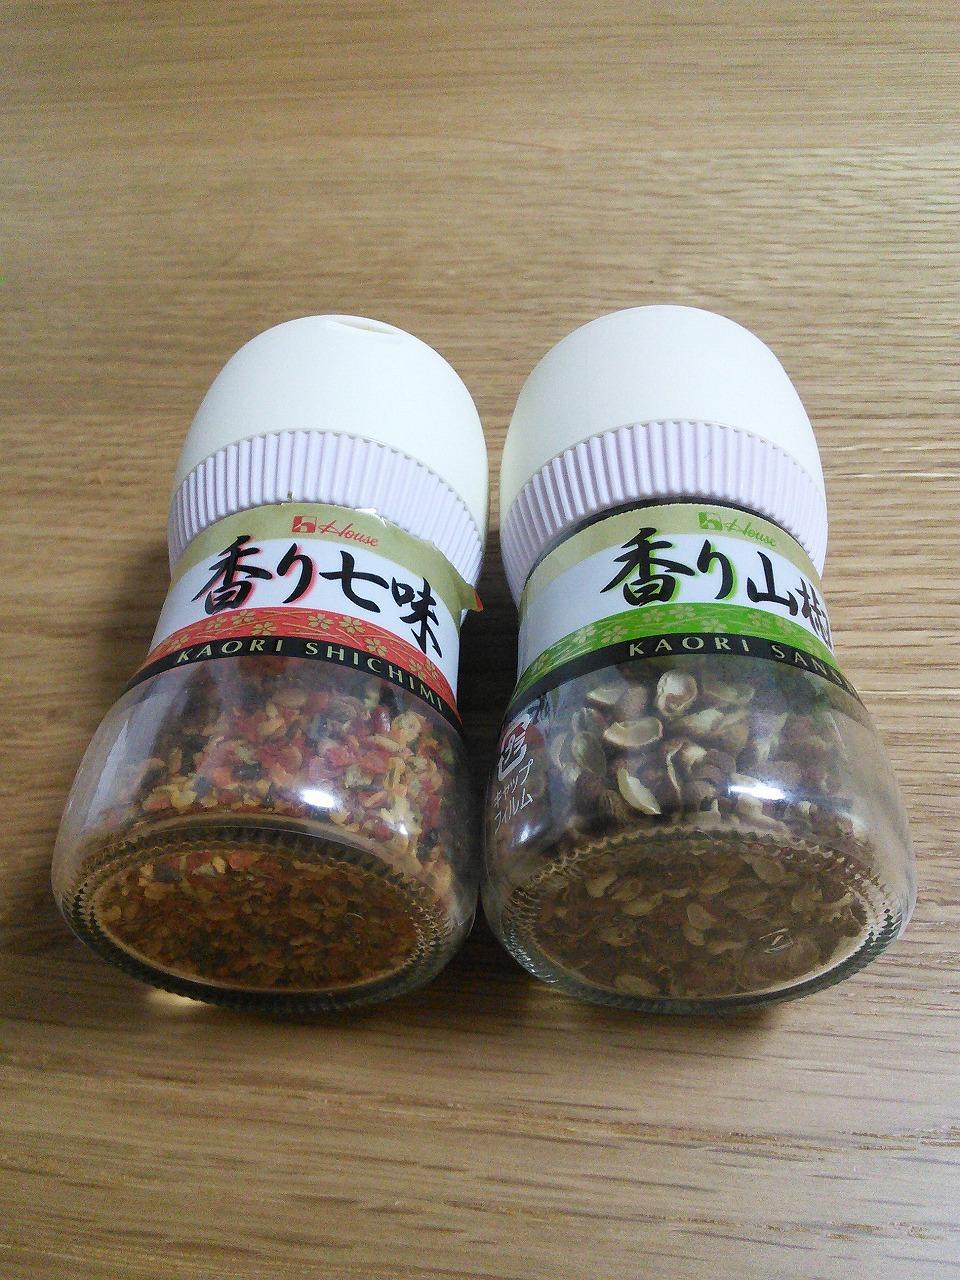 すっごく爽やかなPerfume 香り七味、香り山椒のすすめ